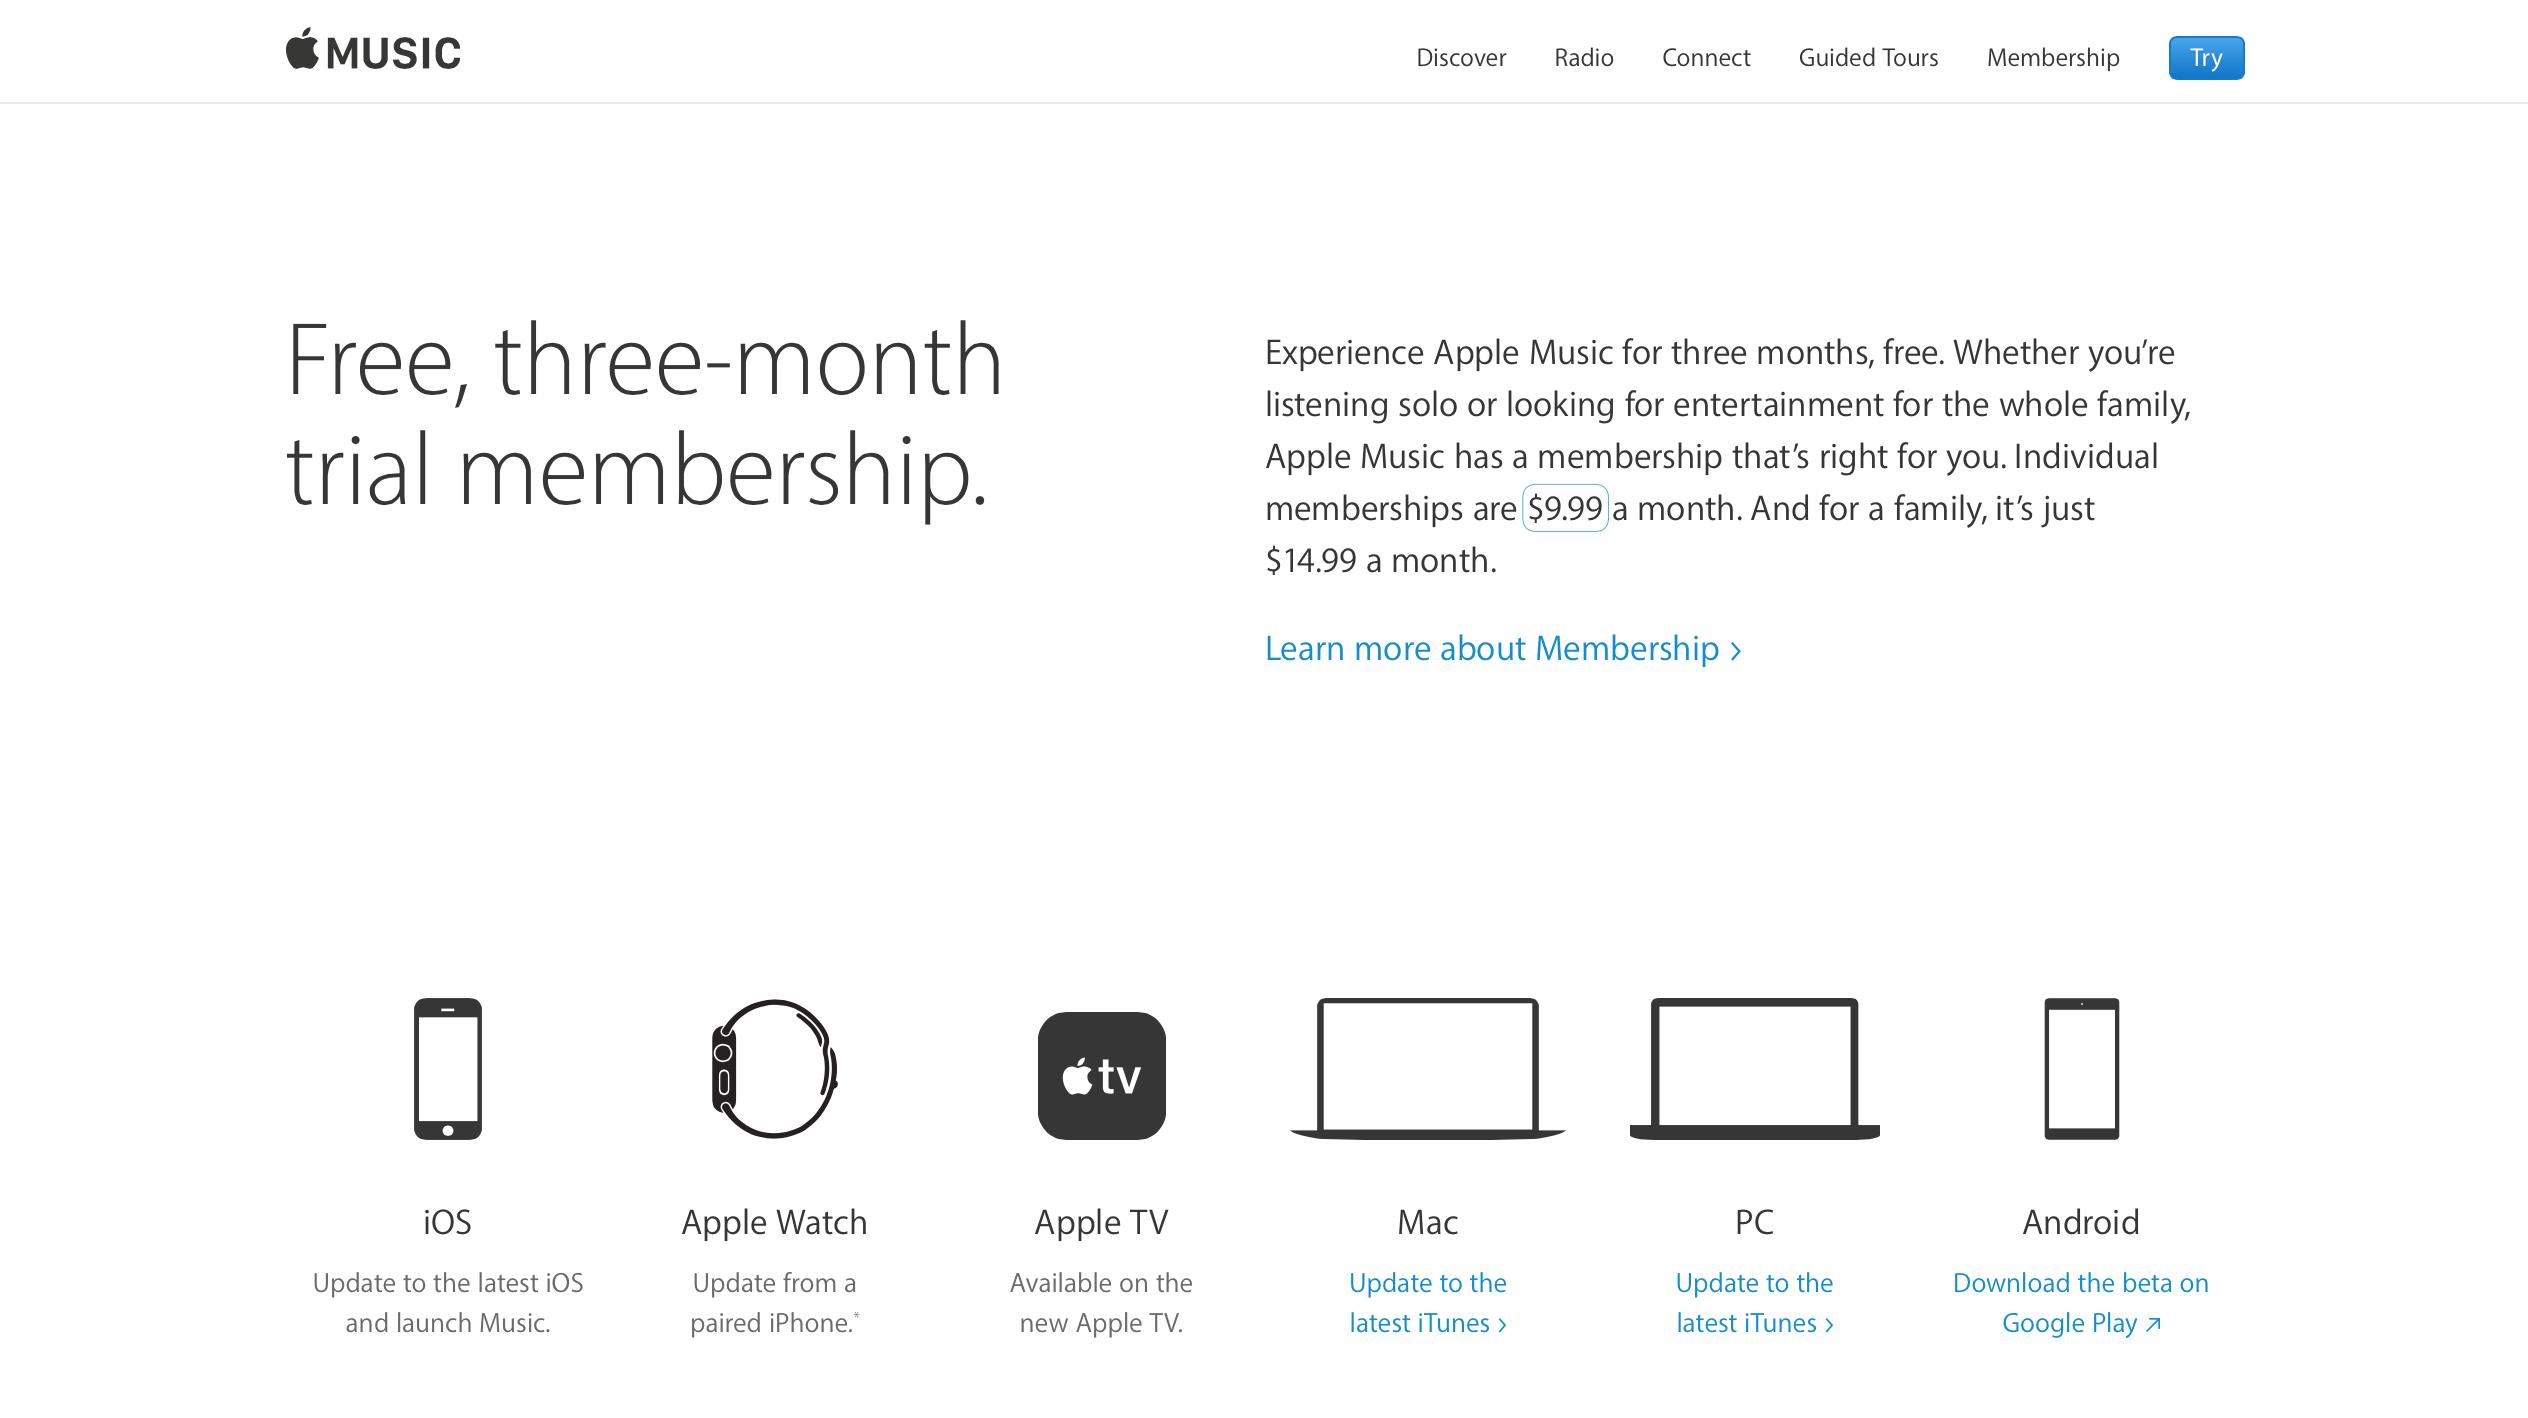 美國的 Apple Music 的月費為 9.99 美金,換算當前匯率每月約 330 元台幣。